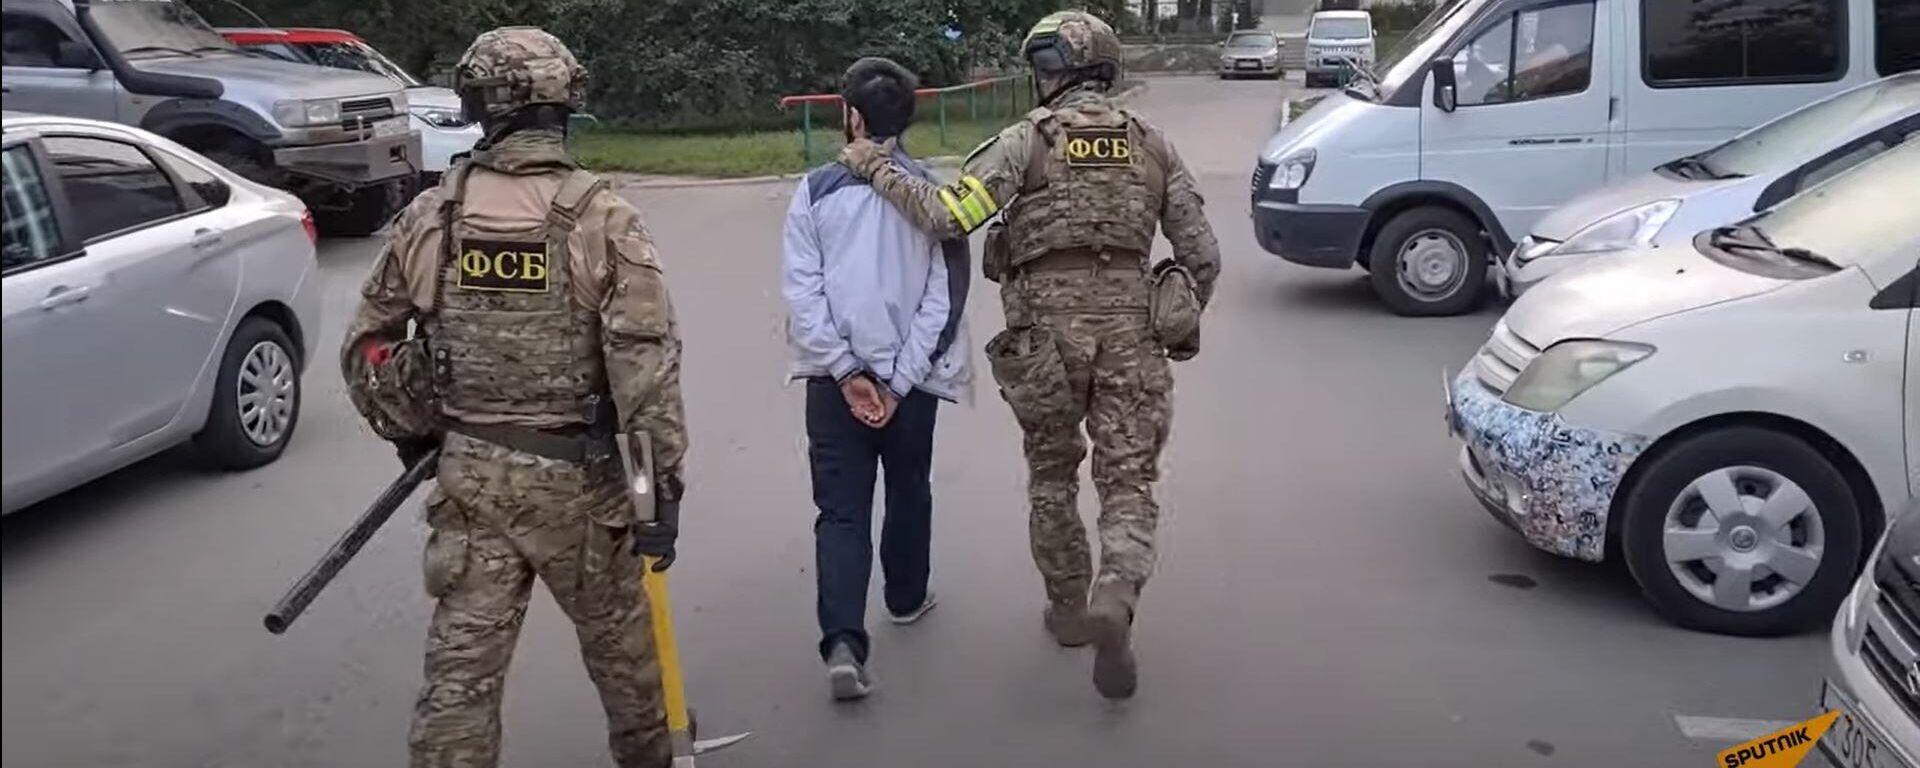 ФСБ вычислила 31 вербовщика террористов: кадры задержания - Sputnik Латвия, 1920, 25.08.2021